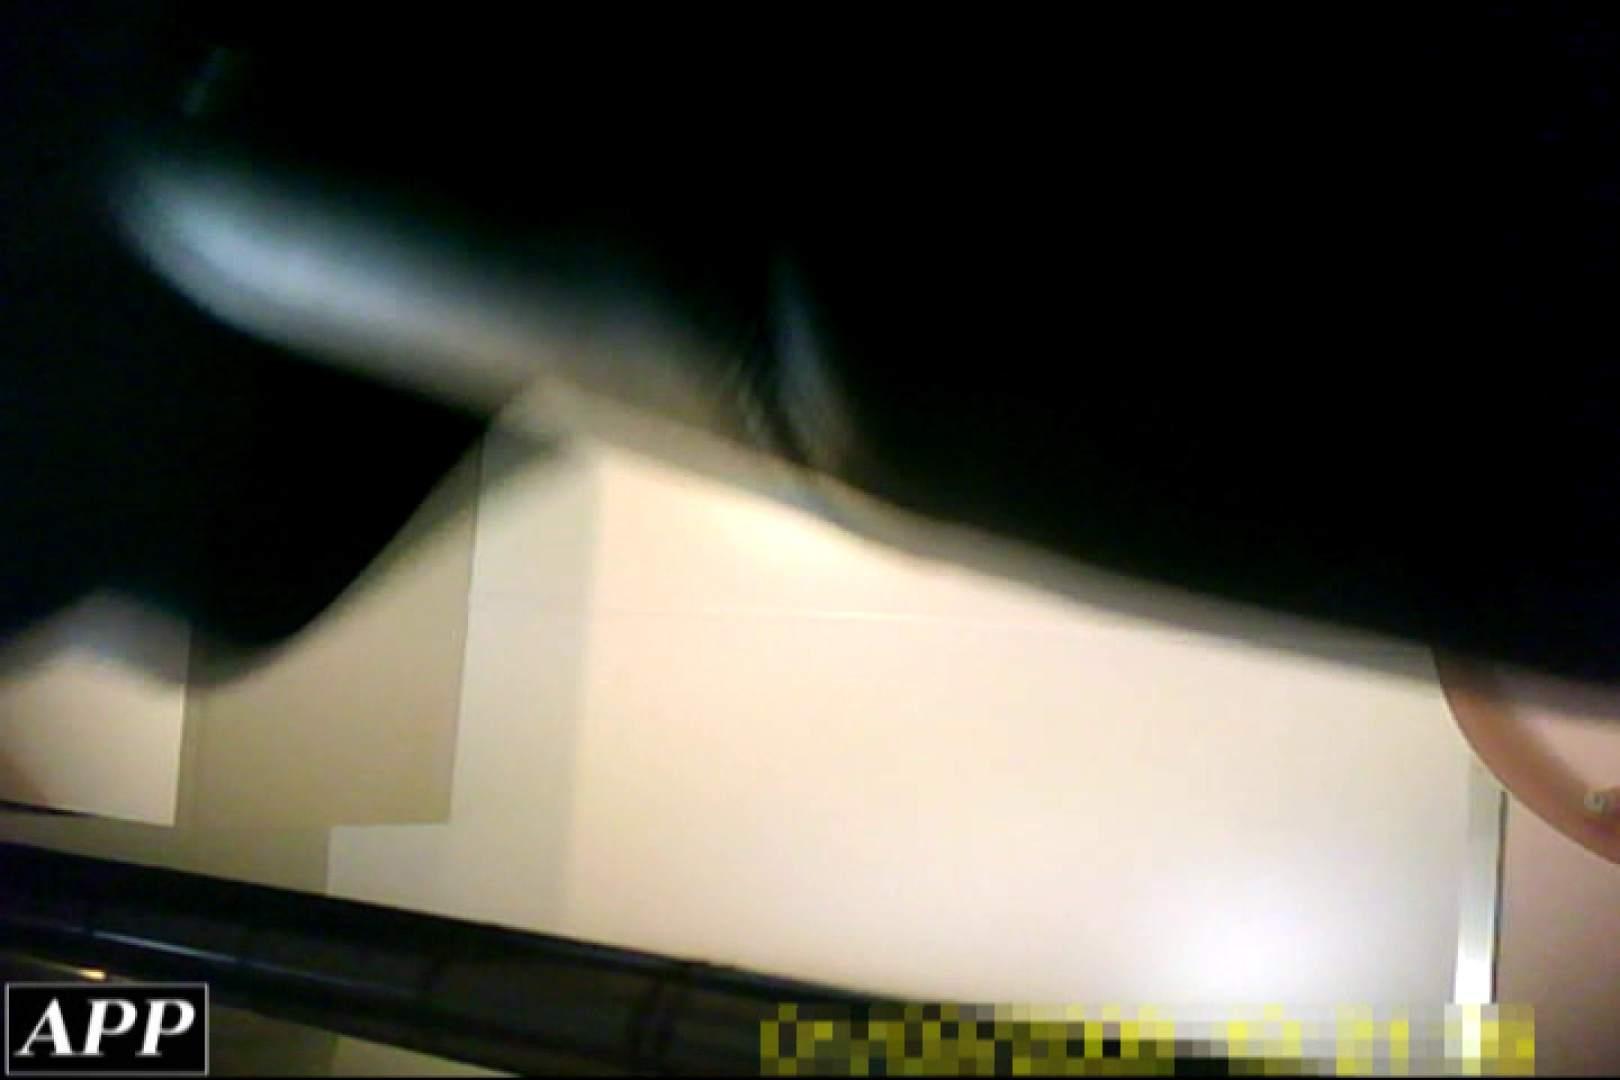 3視点洗面所 vol.61 洗面所 盗み撮りAV無料動画キャプチャ 59pic 46